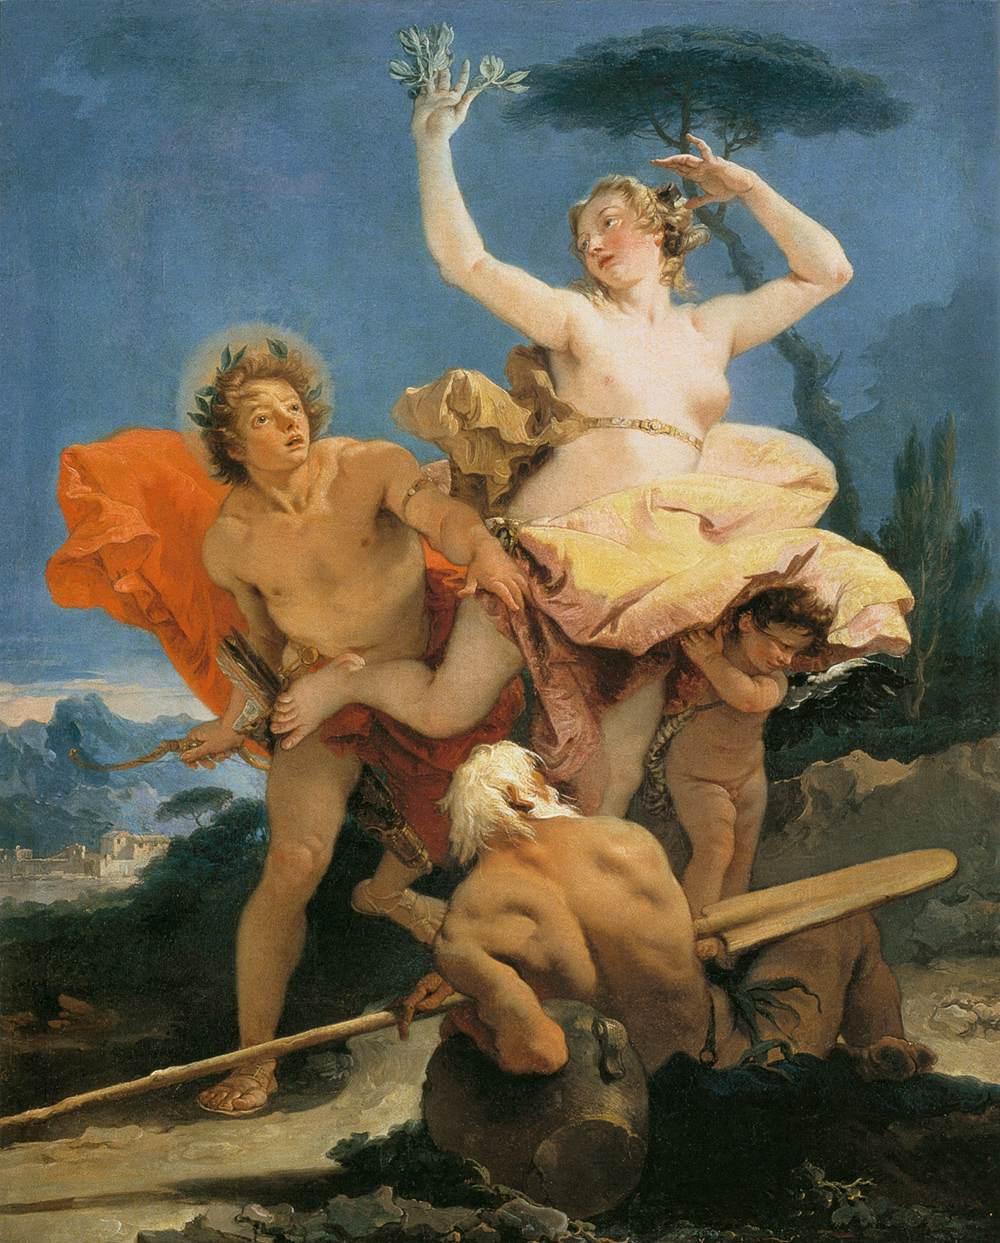 Apollo_and_Daphne by Giovanni Battista Tiepolo